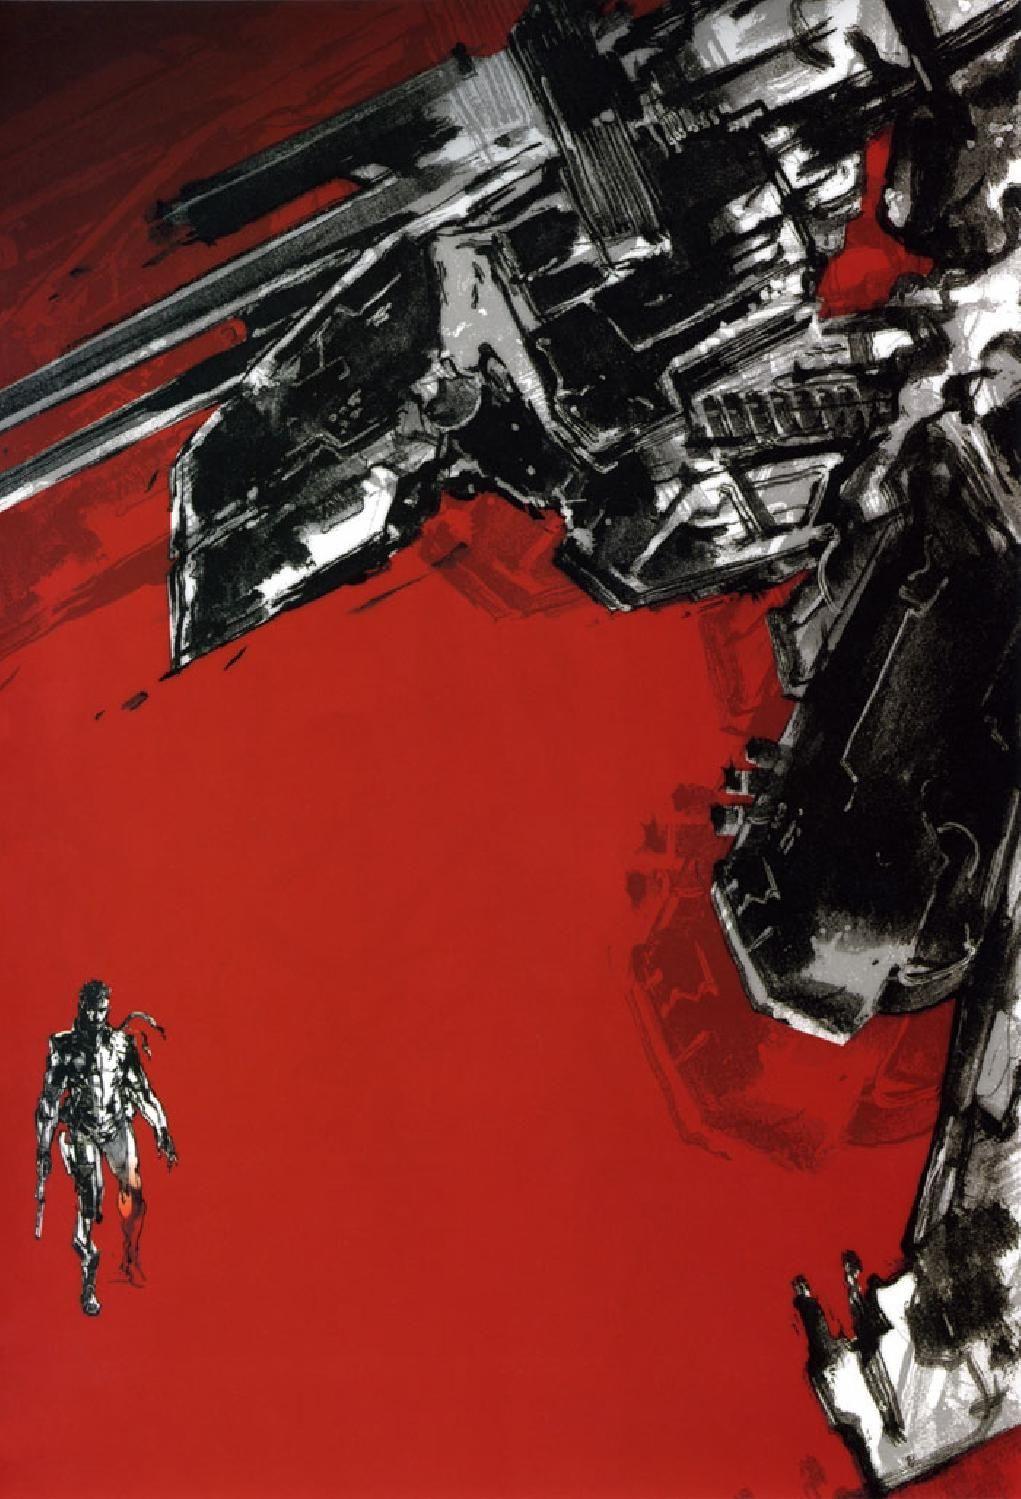 Metal Gear Solid 1.5 Concept Art - Metal Gear Rex & Snake Concept Art